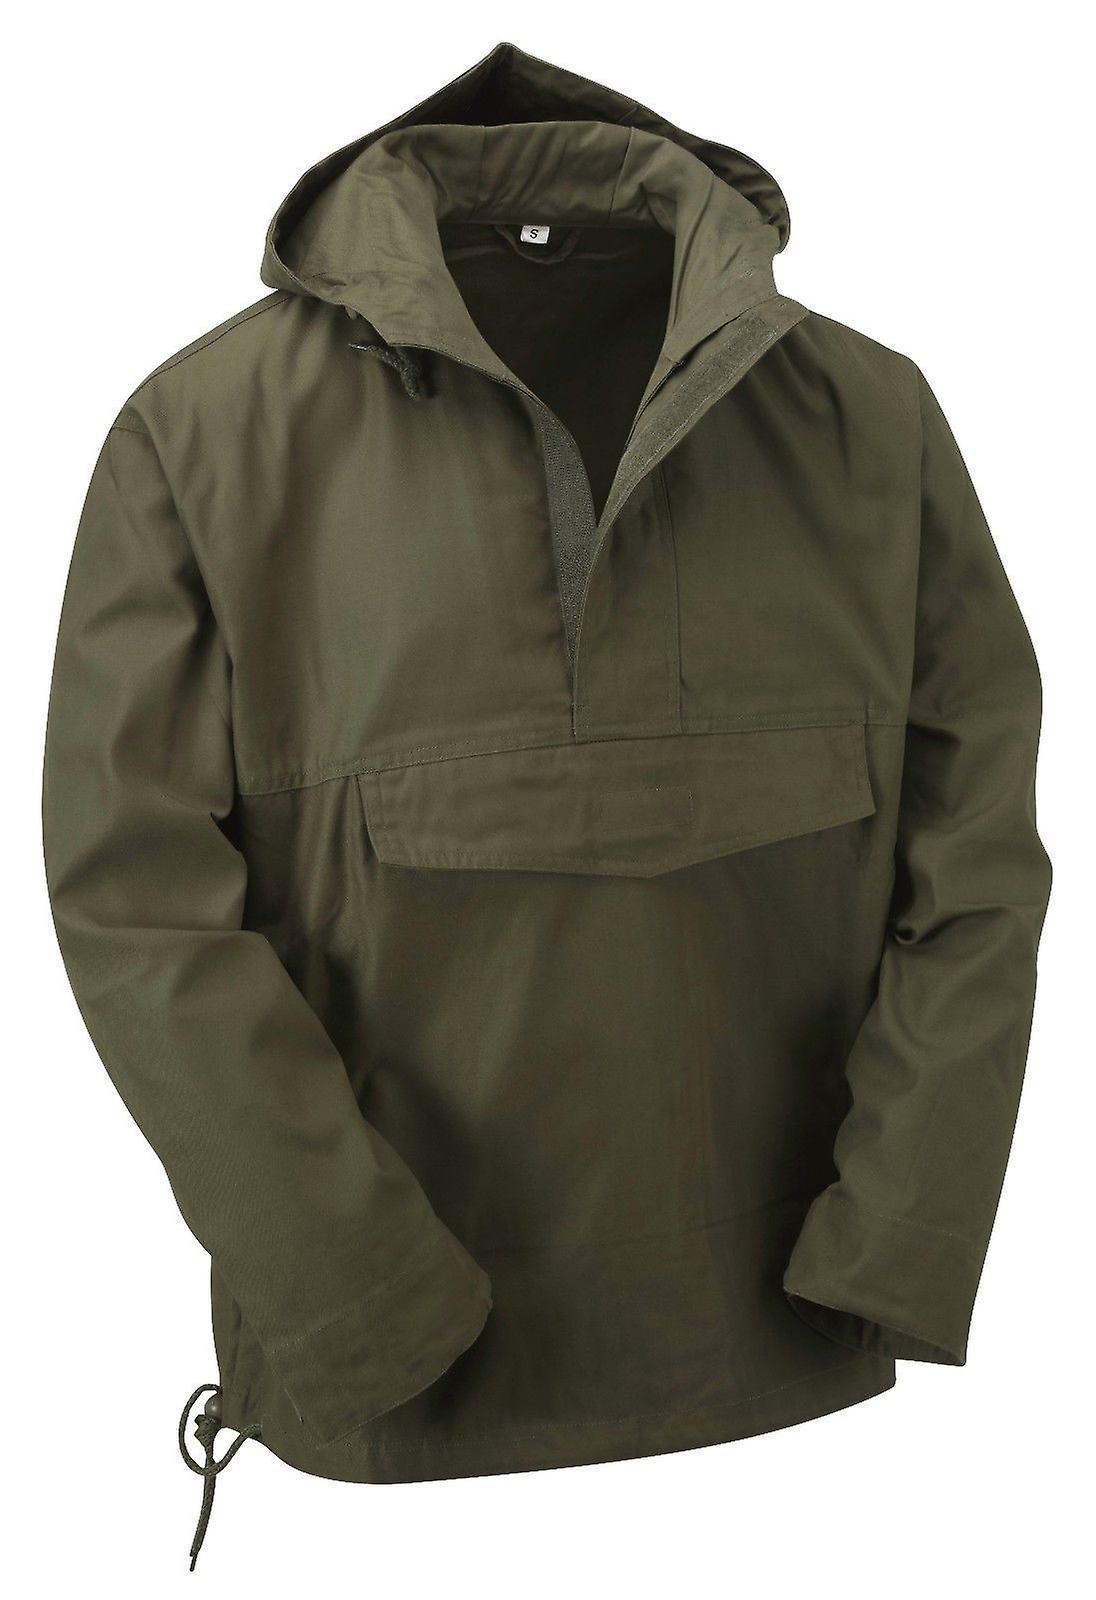 Combat Clothing Uk